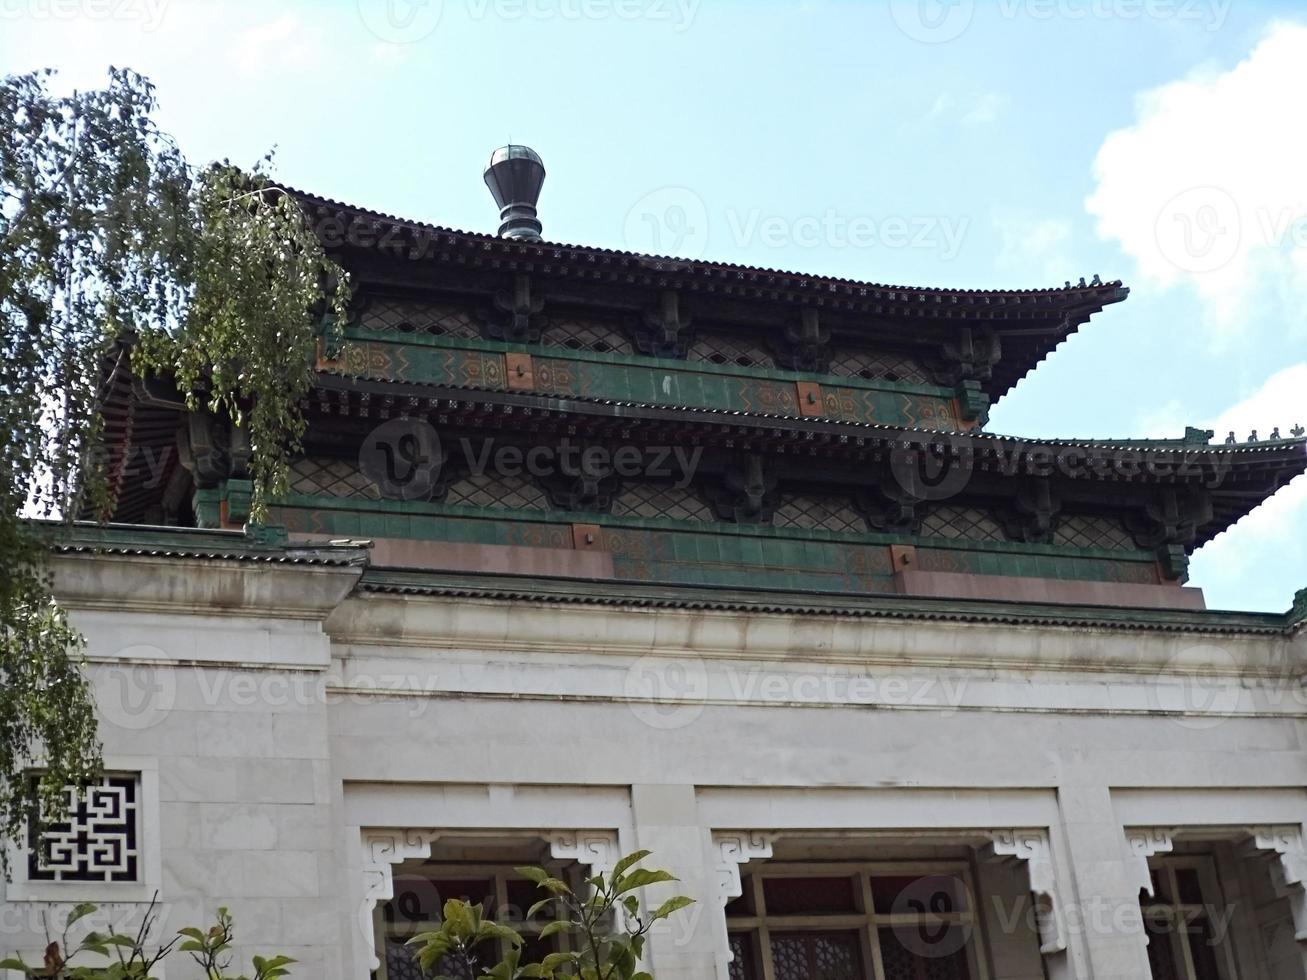 détail du toit du bâtiment chinois photo